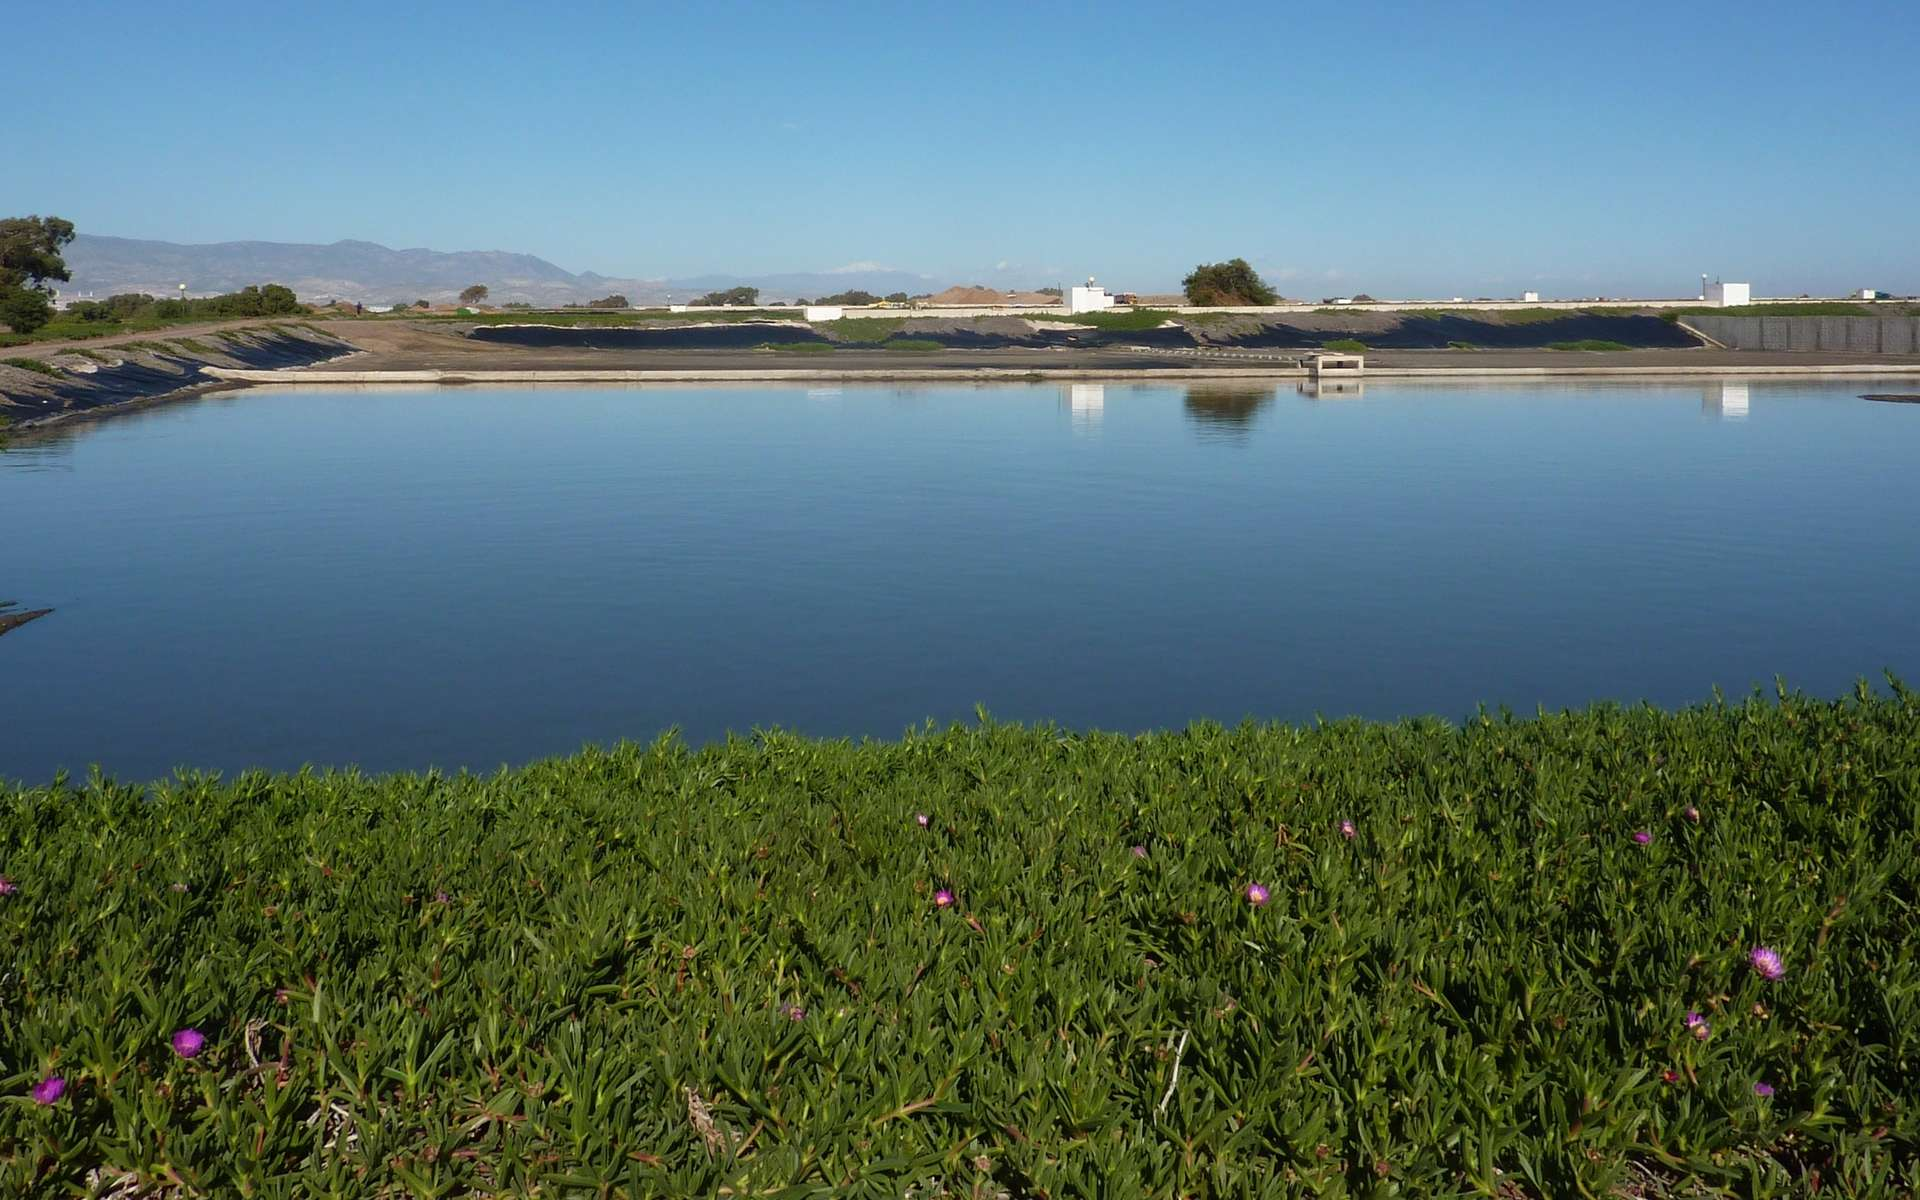 Traitement biologique des eaux usées. Bassin de lagunage de l'agglomération du Grand Agadir. © Lydia Herrmann, Flickr, CC by 2.0